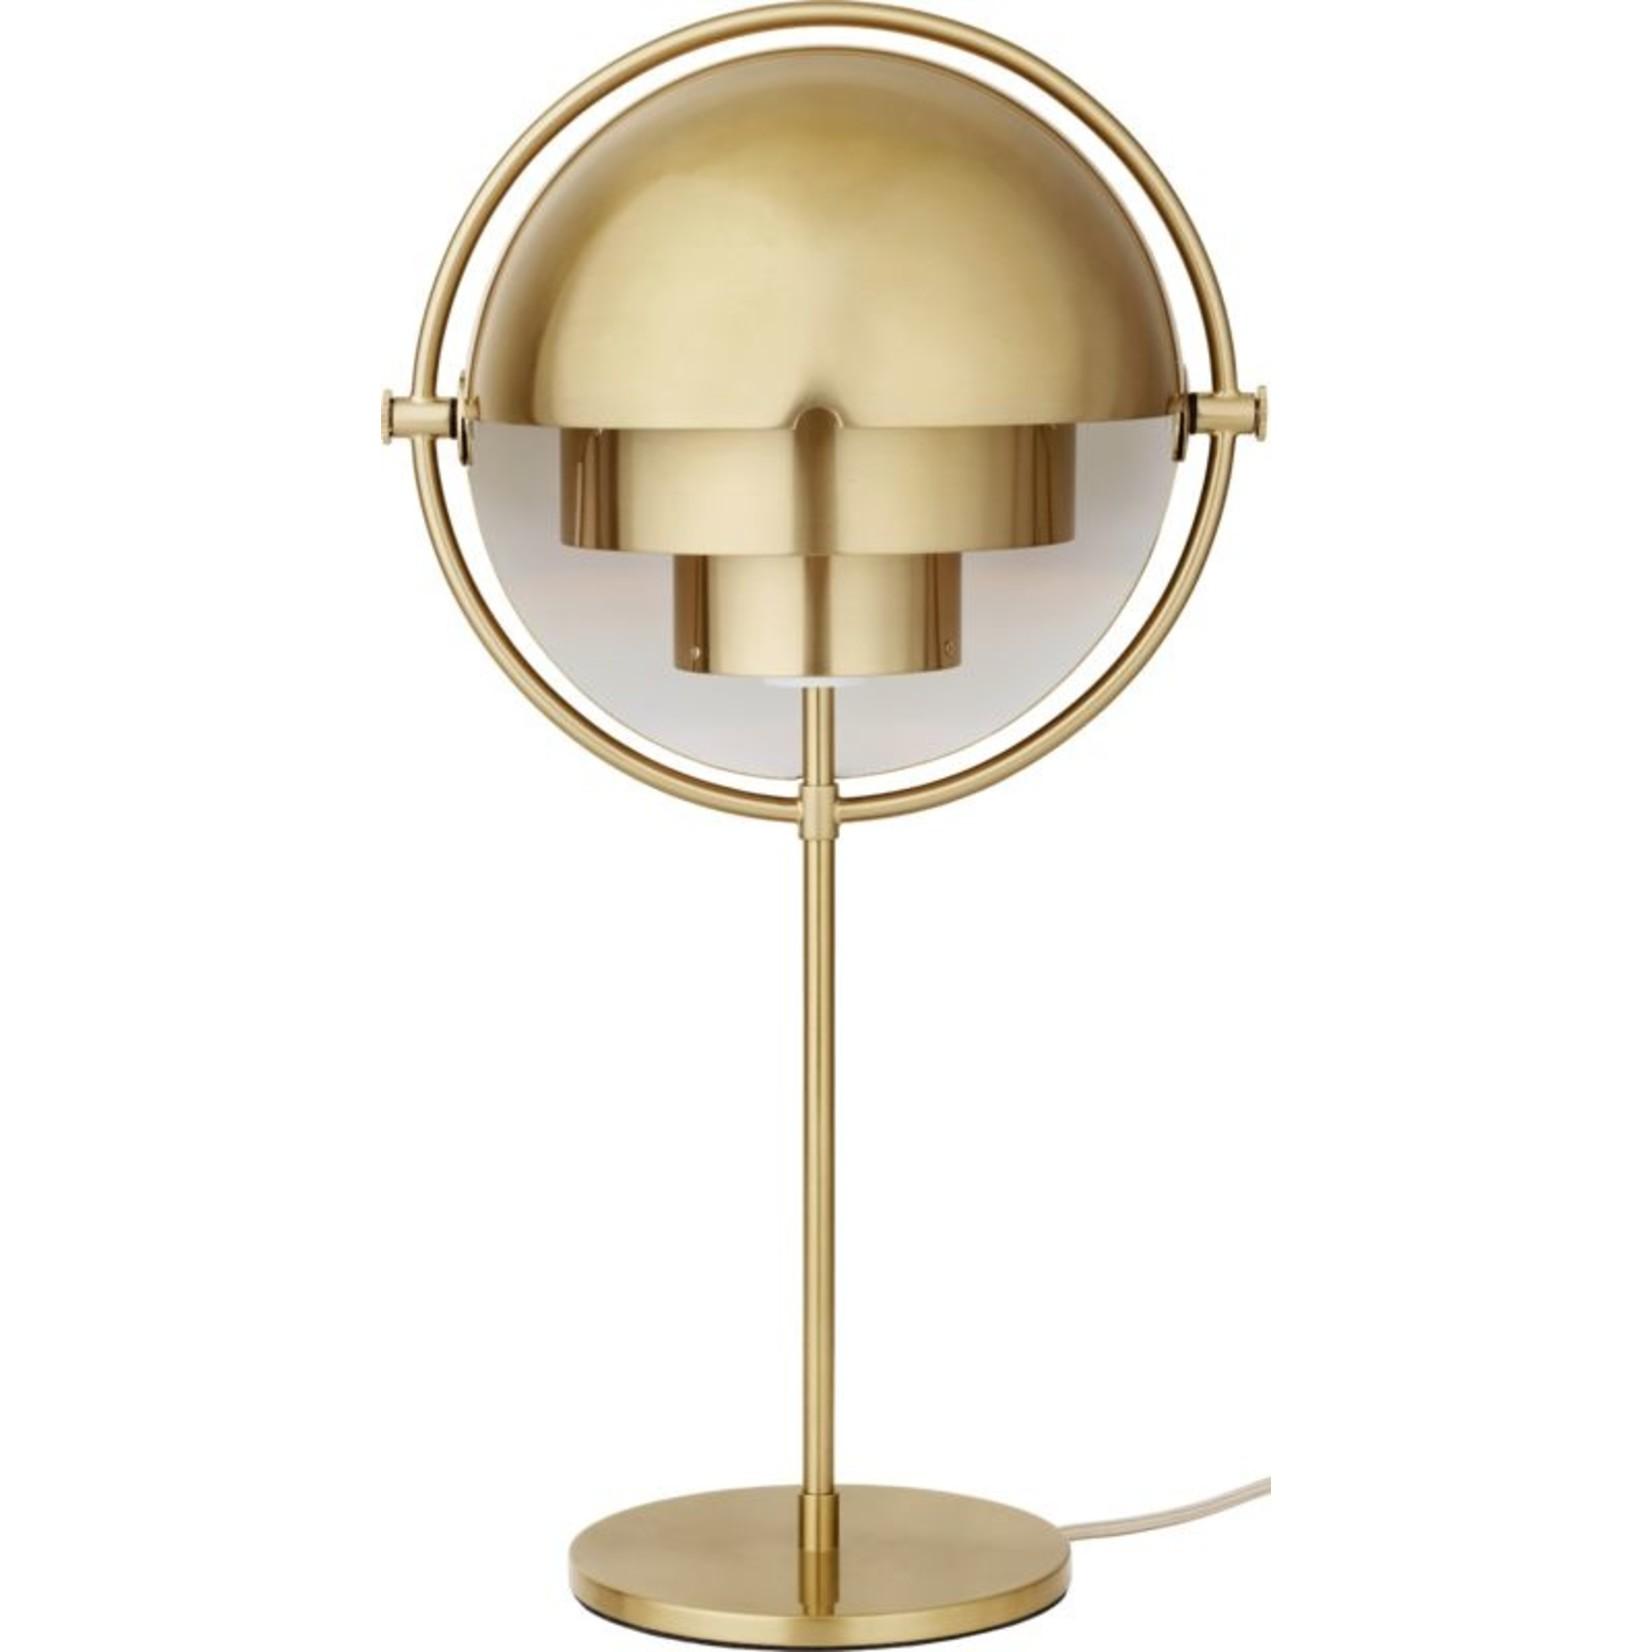 Gubi Lampe de table Multi-Lite   Base en laiton et abat-jour brillant en laiton